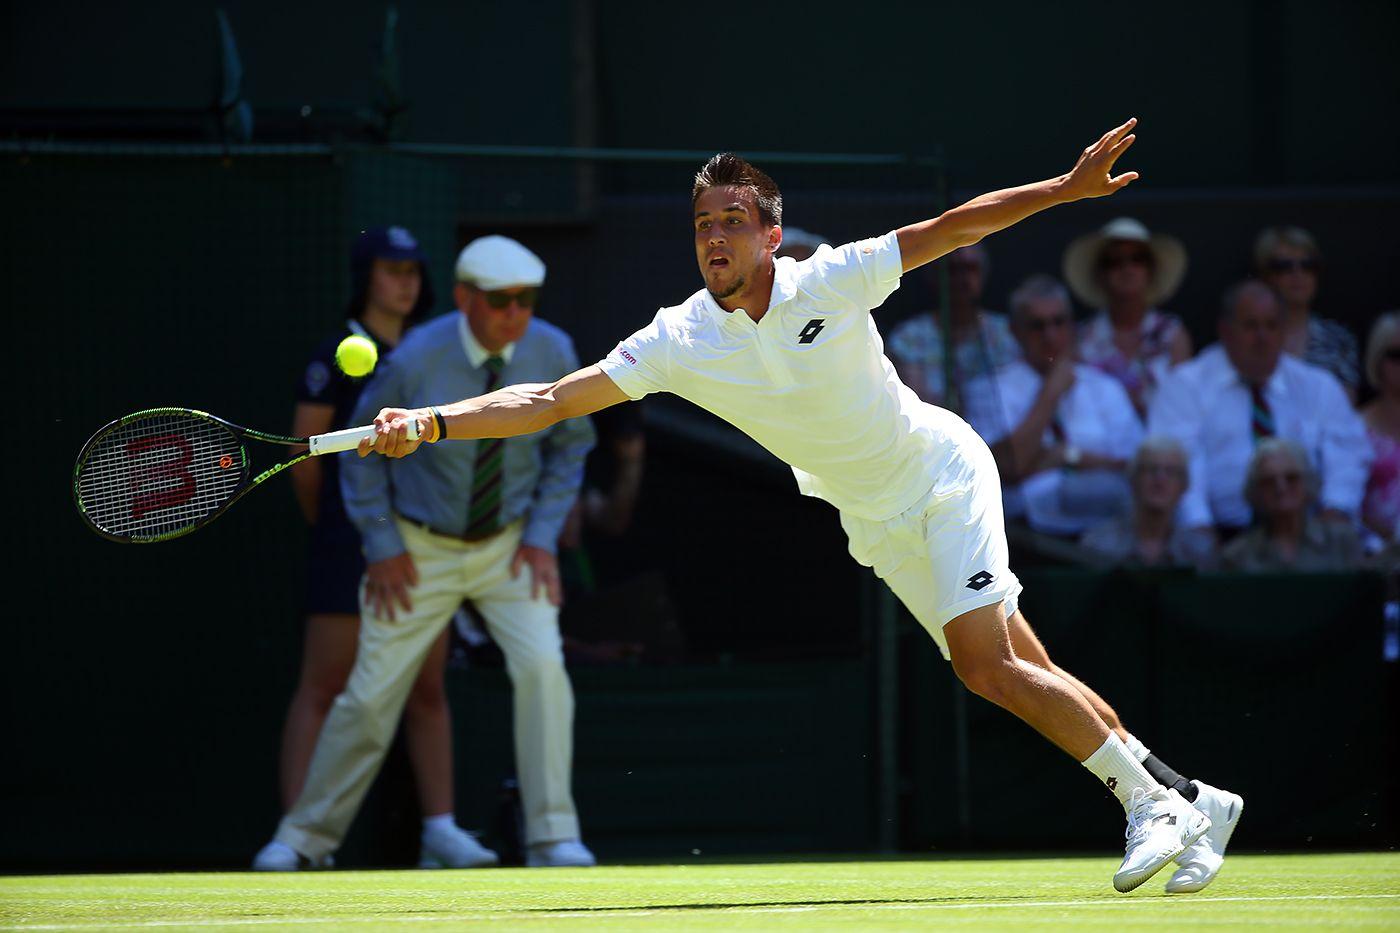 Damir Dzumhur on Centre Court. Eddie Keogh/AELTC Wimbledon